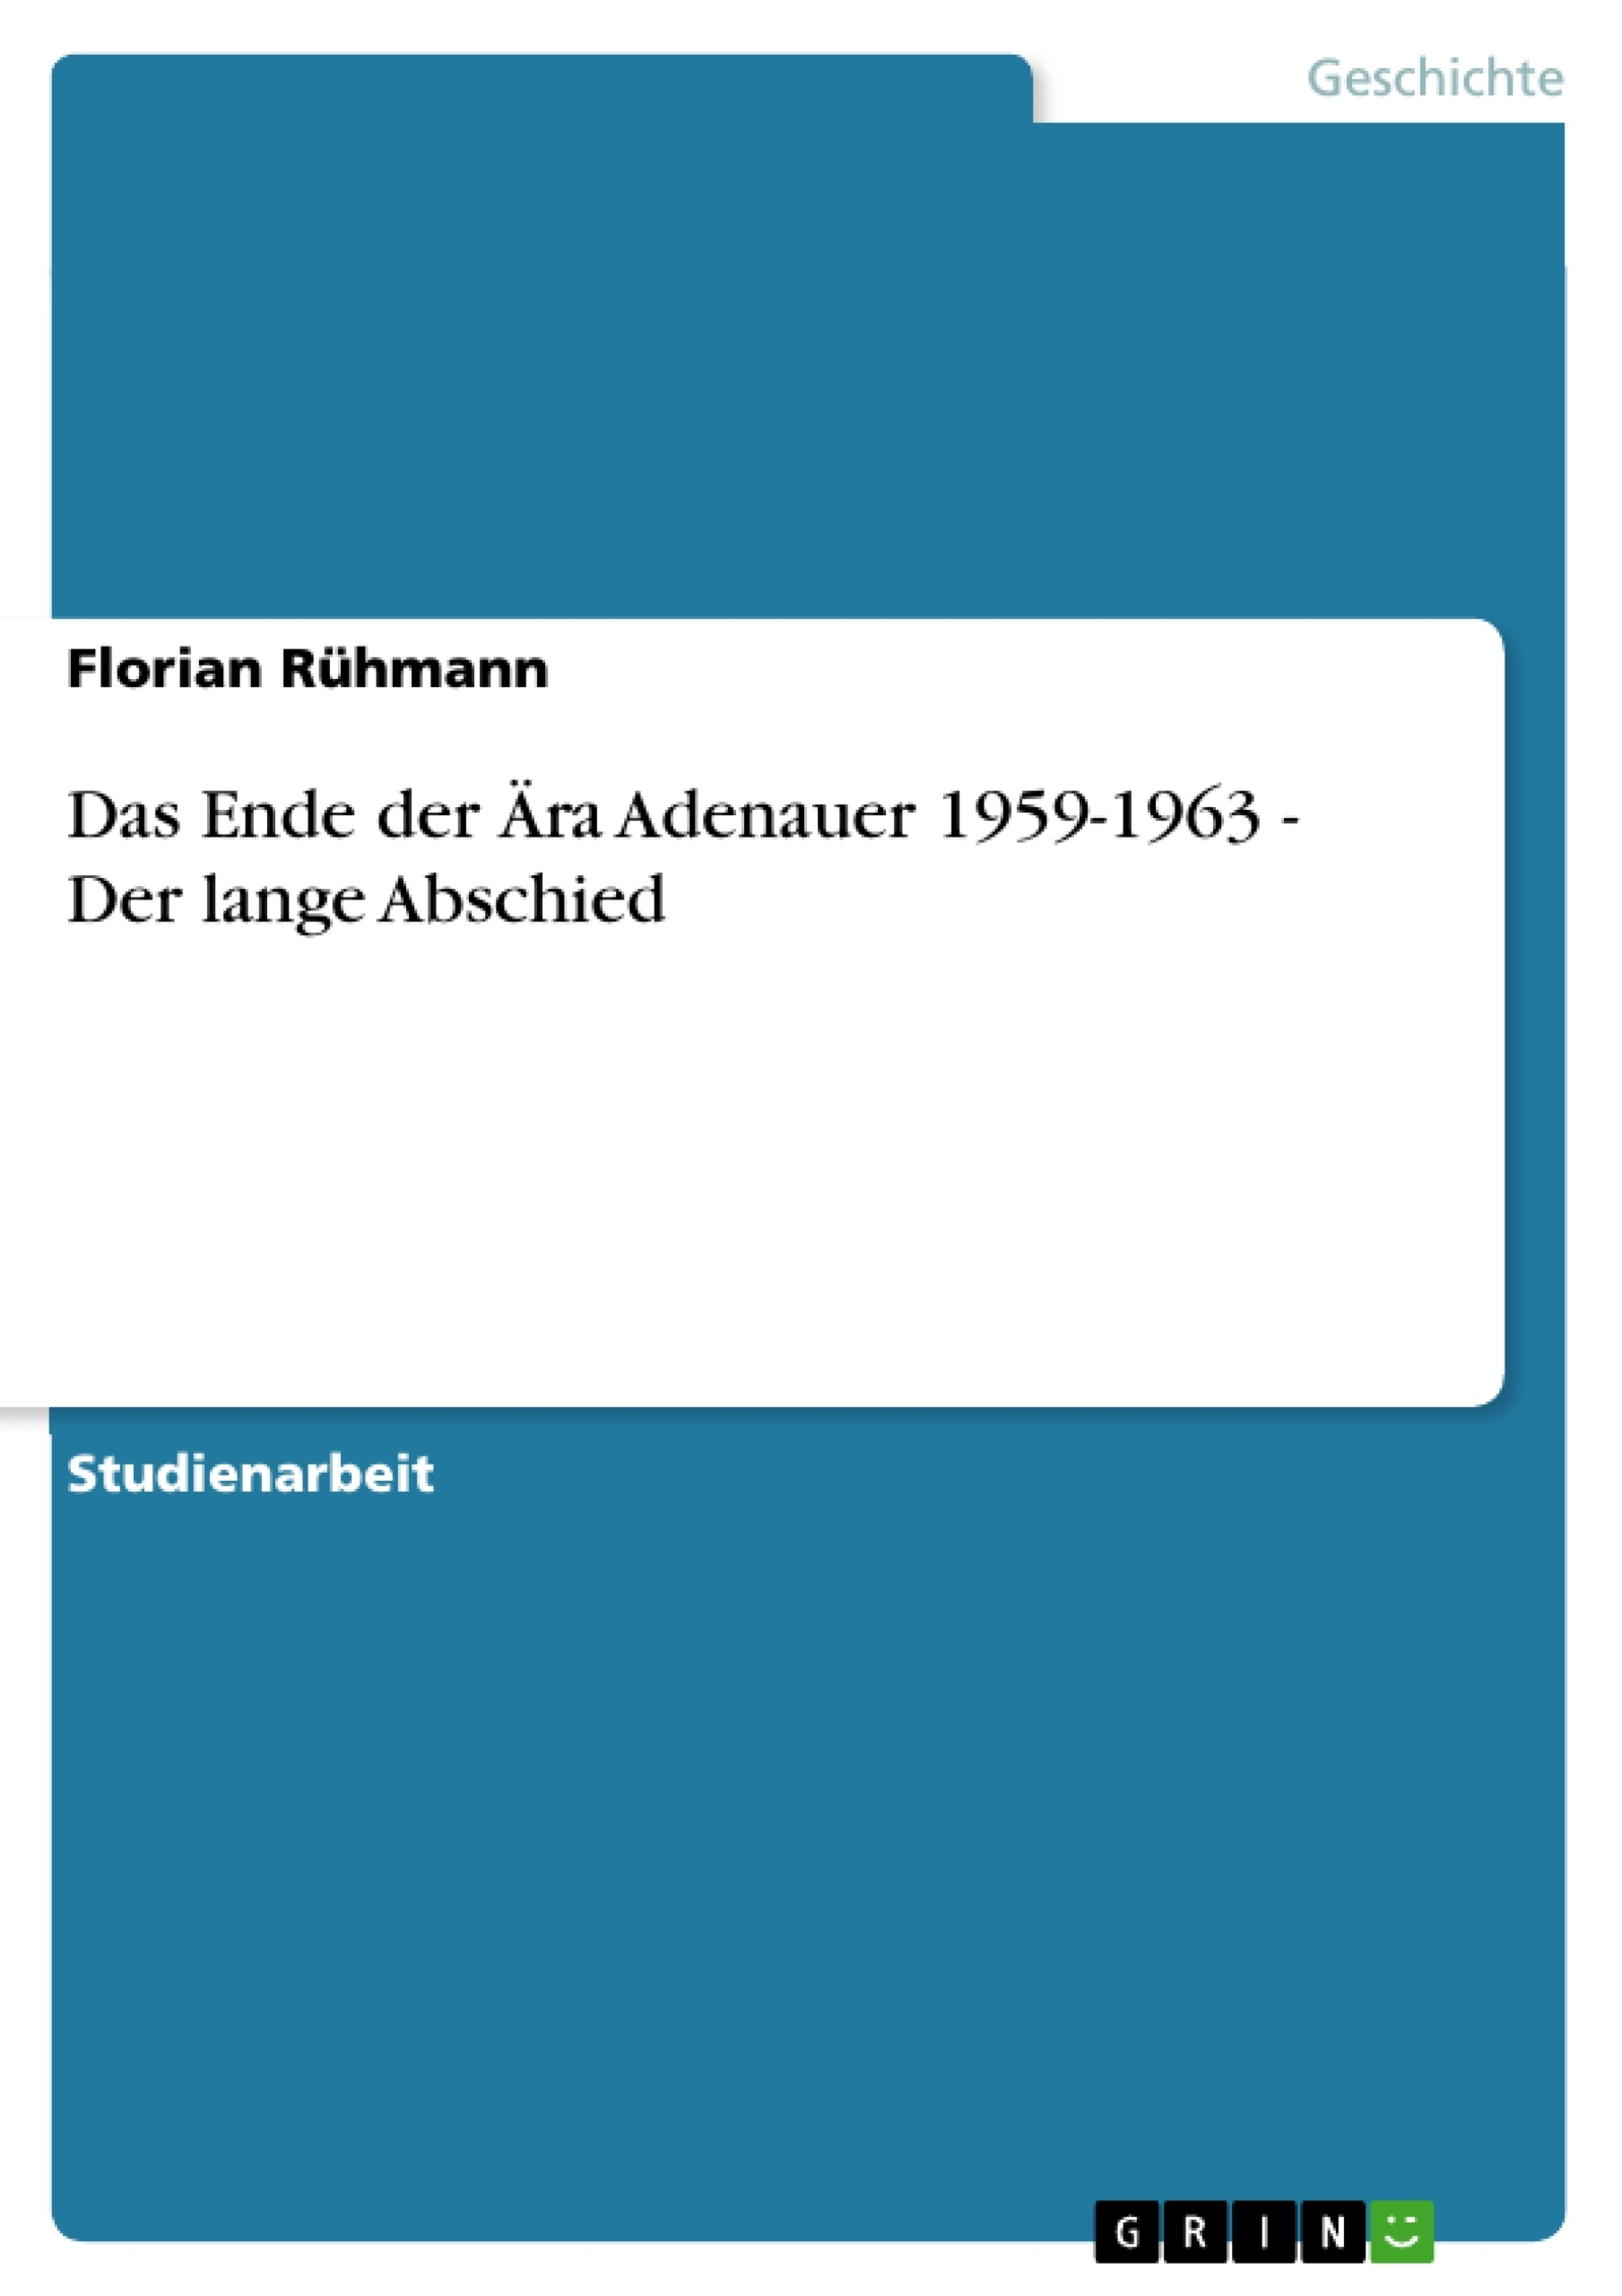 Titel: Das Ende der Ära Adenauer 1959-1963 - Der lange Abschied